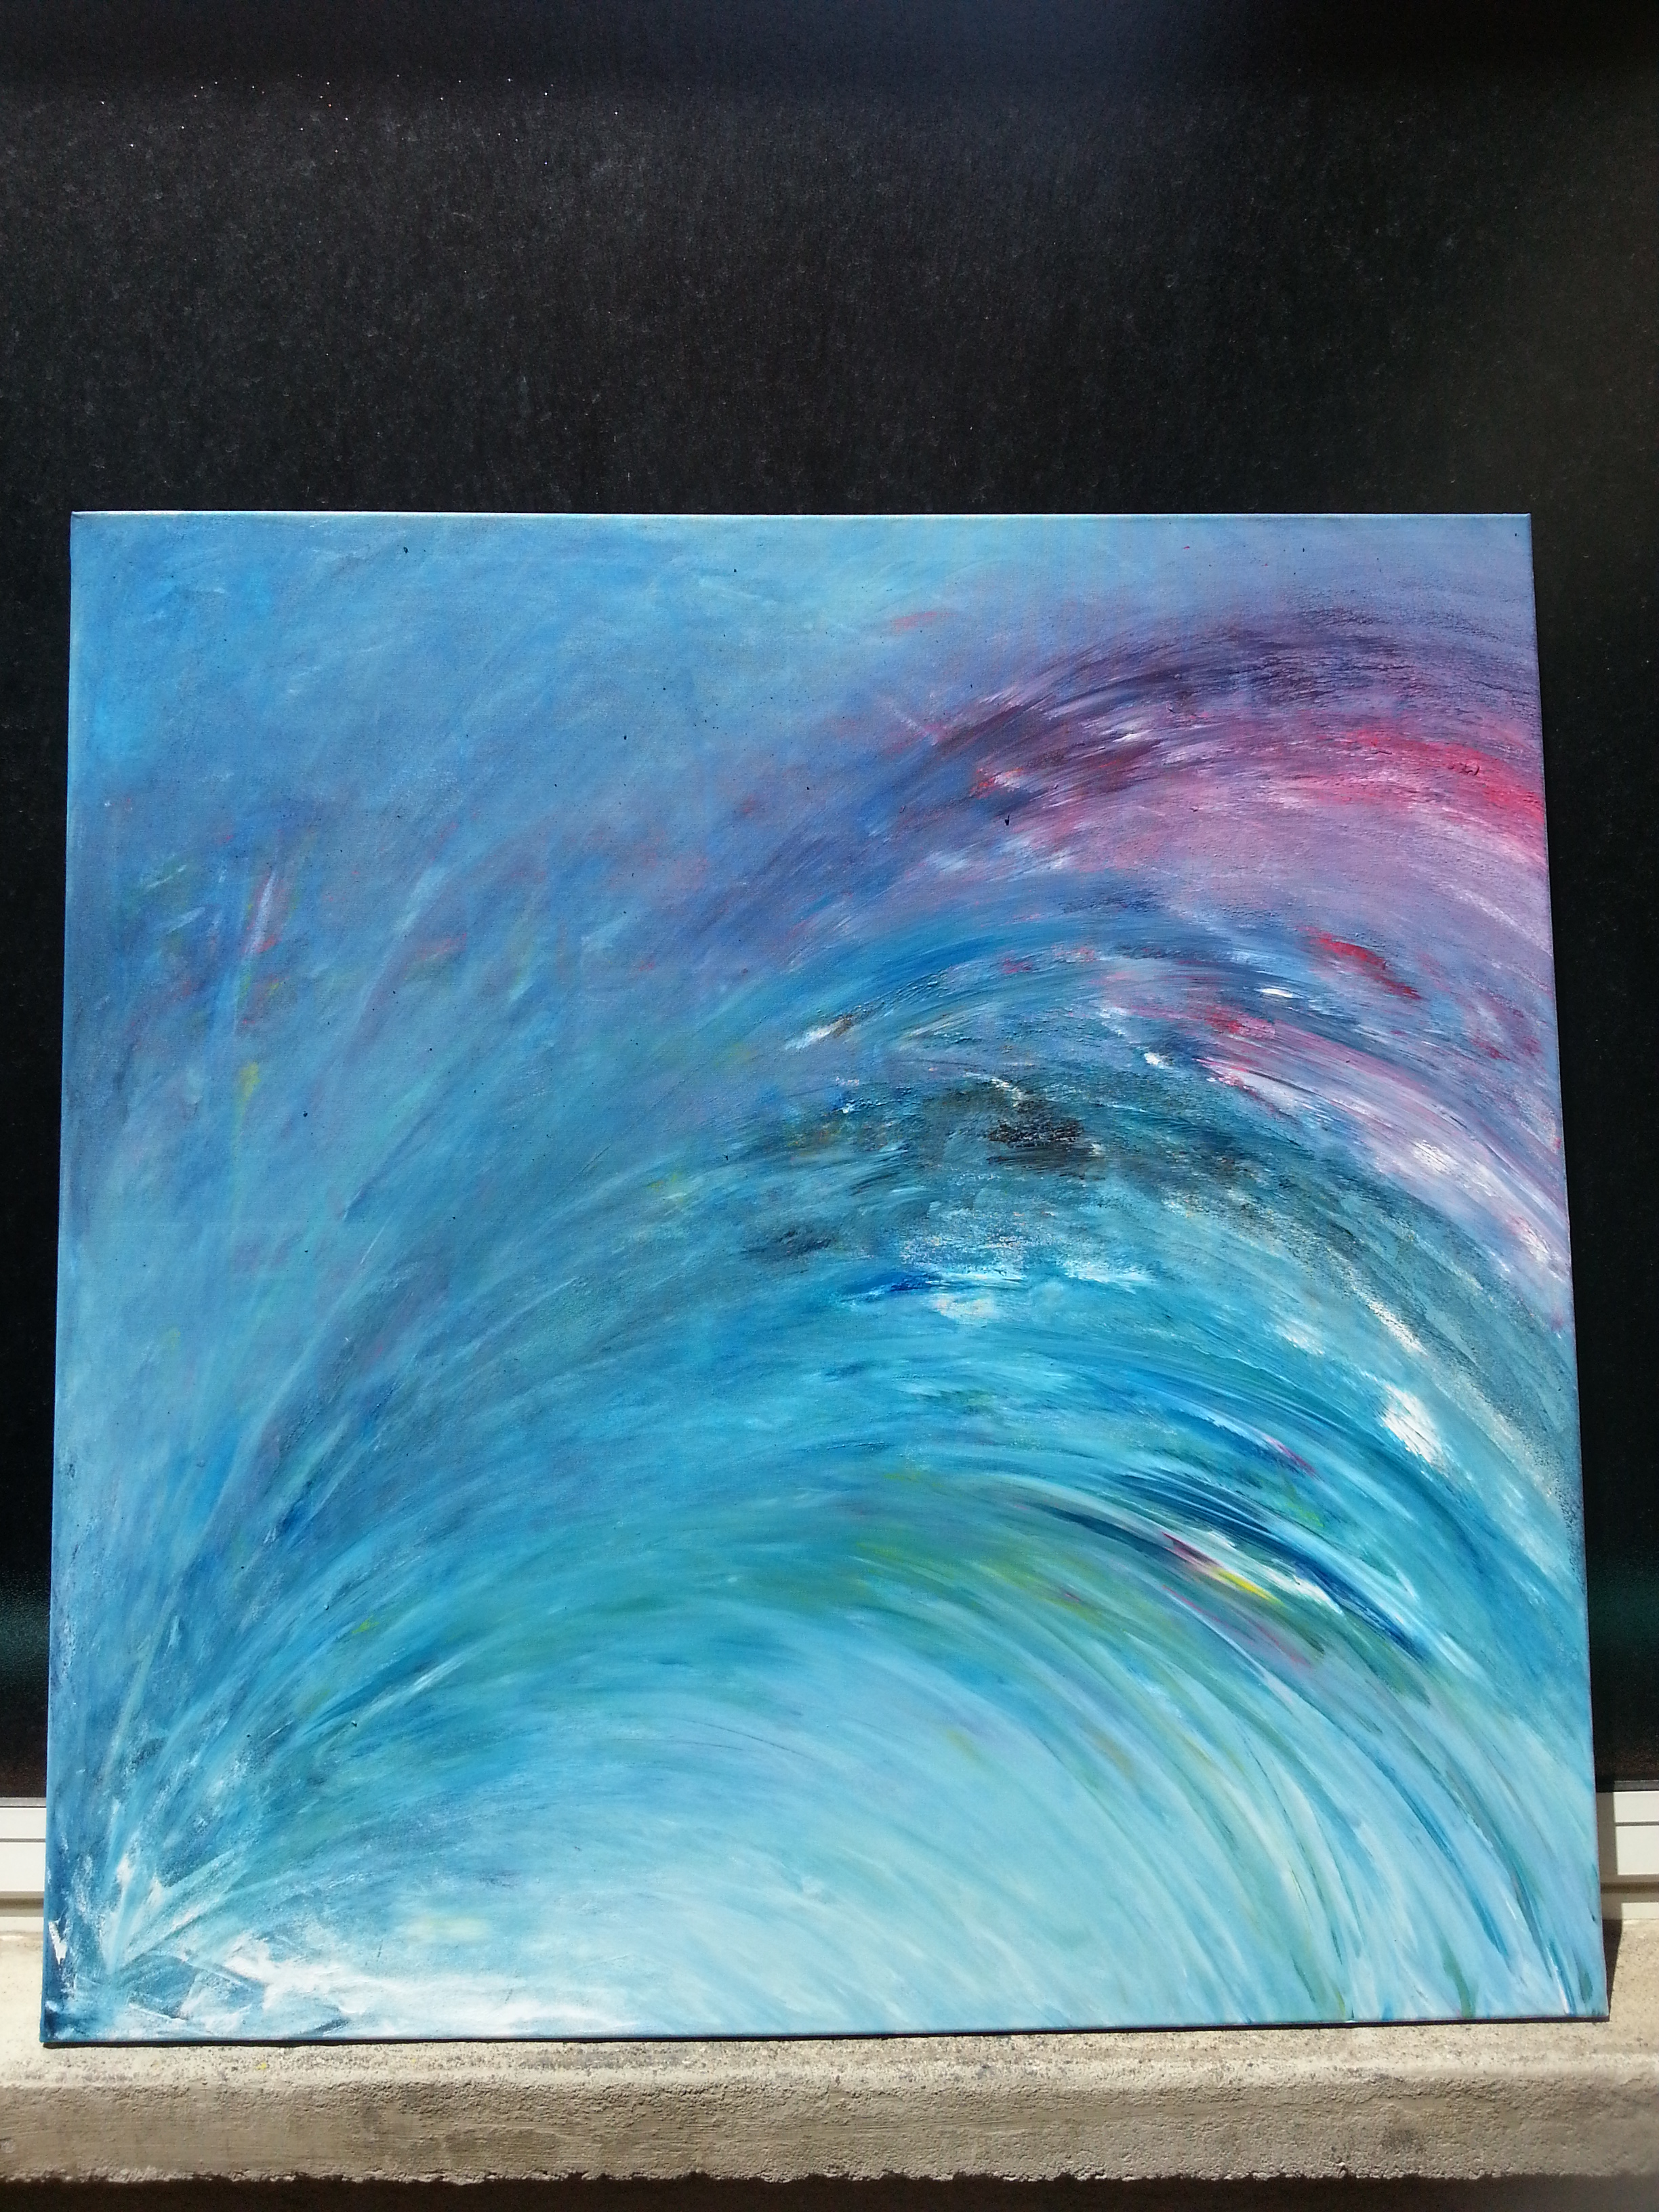 Peinture du mouvement présent - Yolande Bertrand - 14 juillet 2018 20h (1)